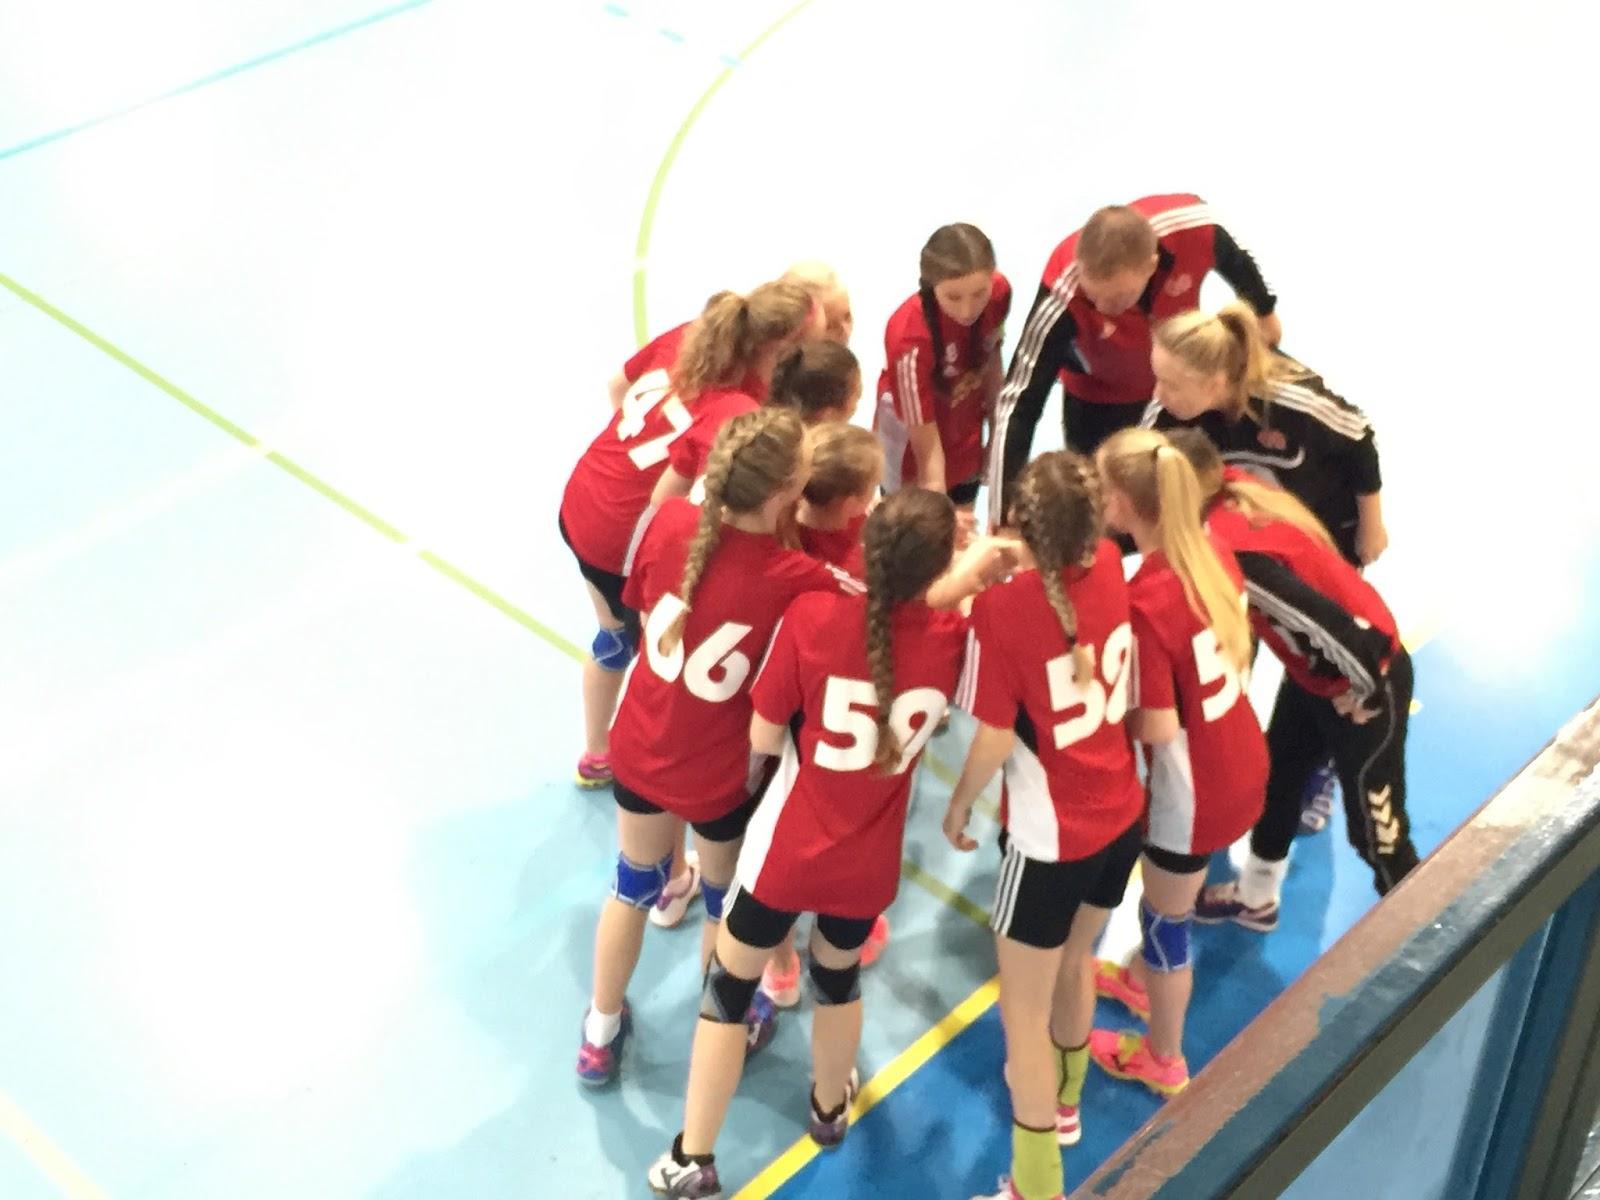 malvikhallen kart Malvik håndball jenter 2002: Jubel i Malvikhallen, Malvik 15  malvikhallen kart